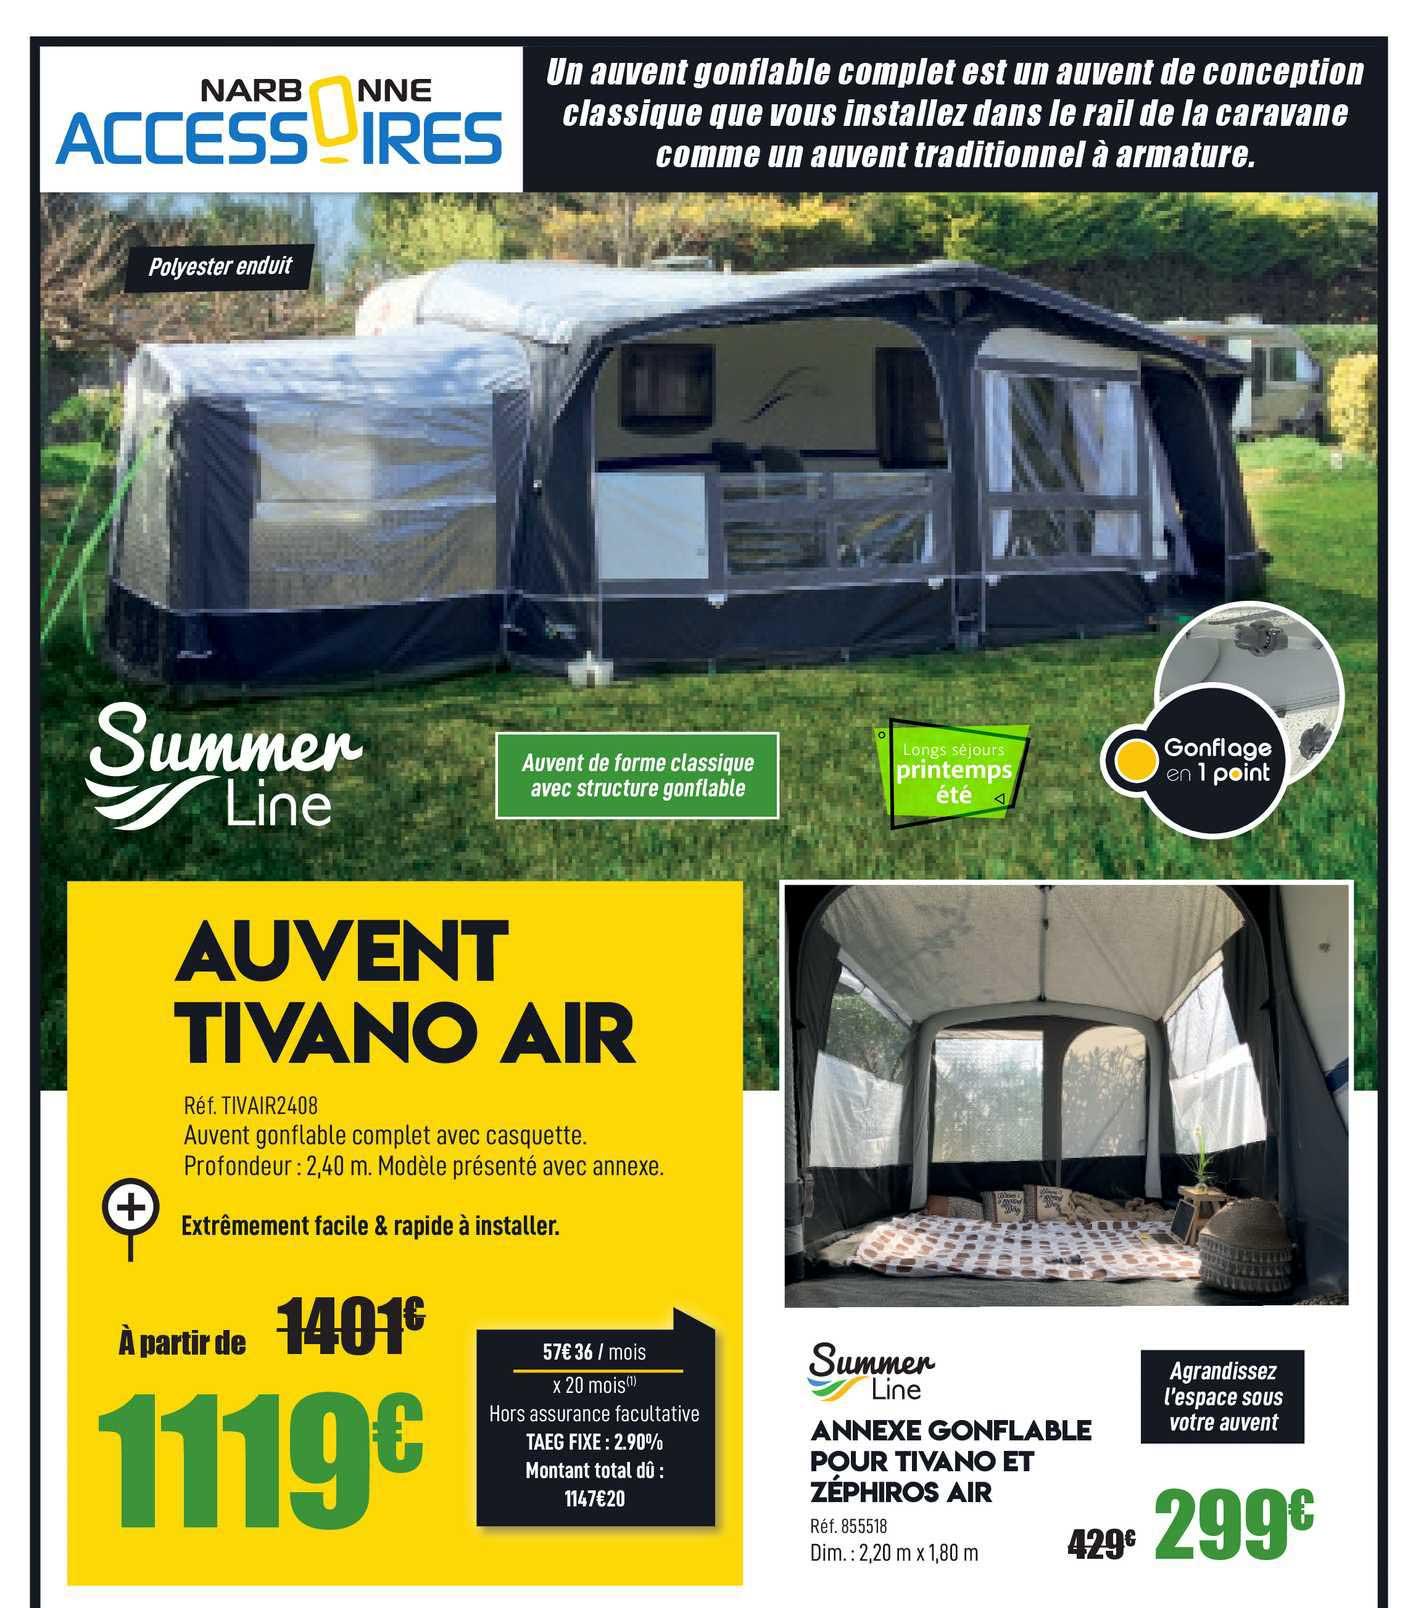 Narbonne Accessoires Auvent Tivano Air